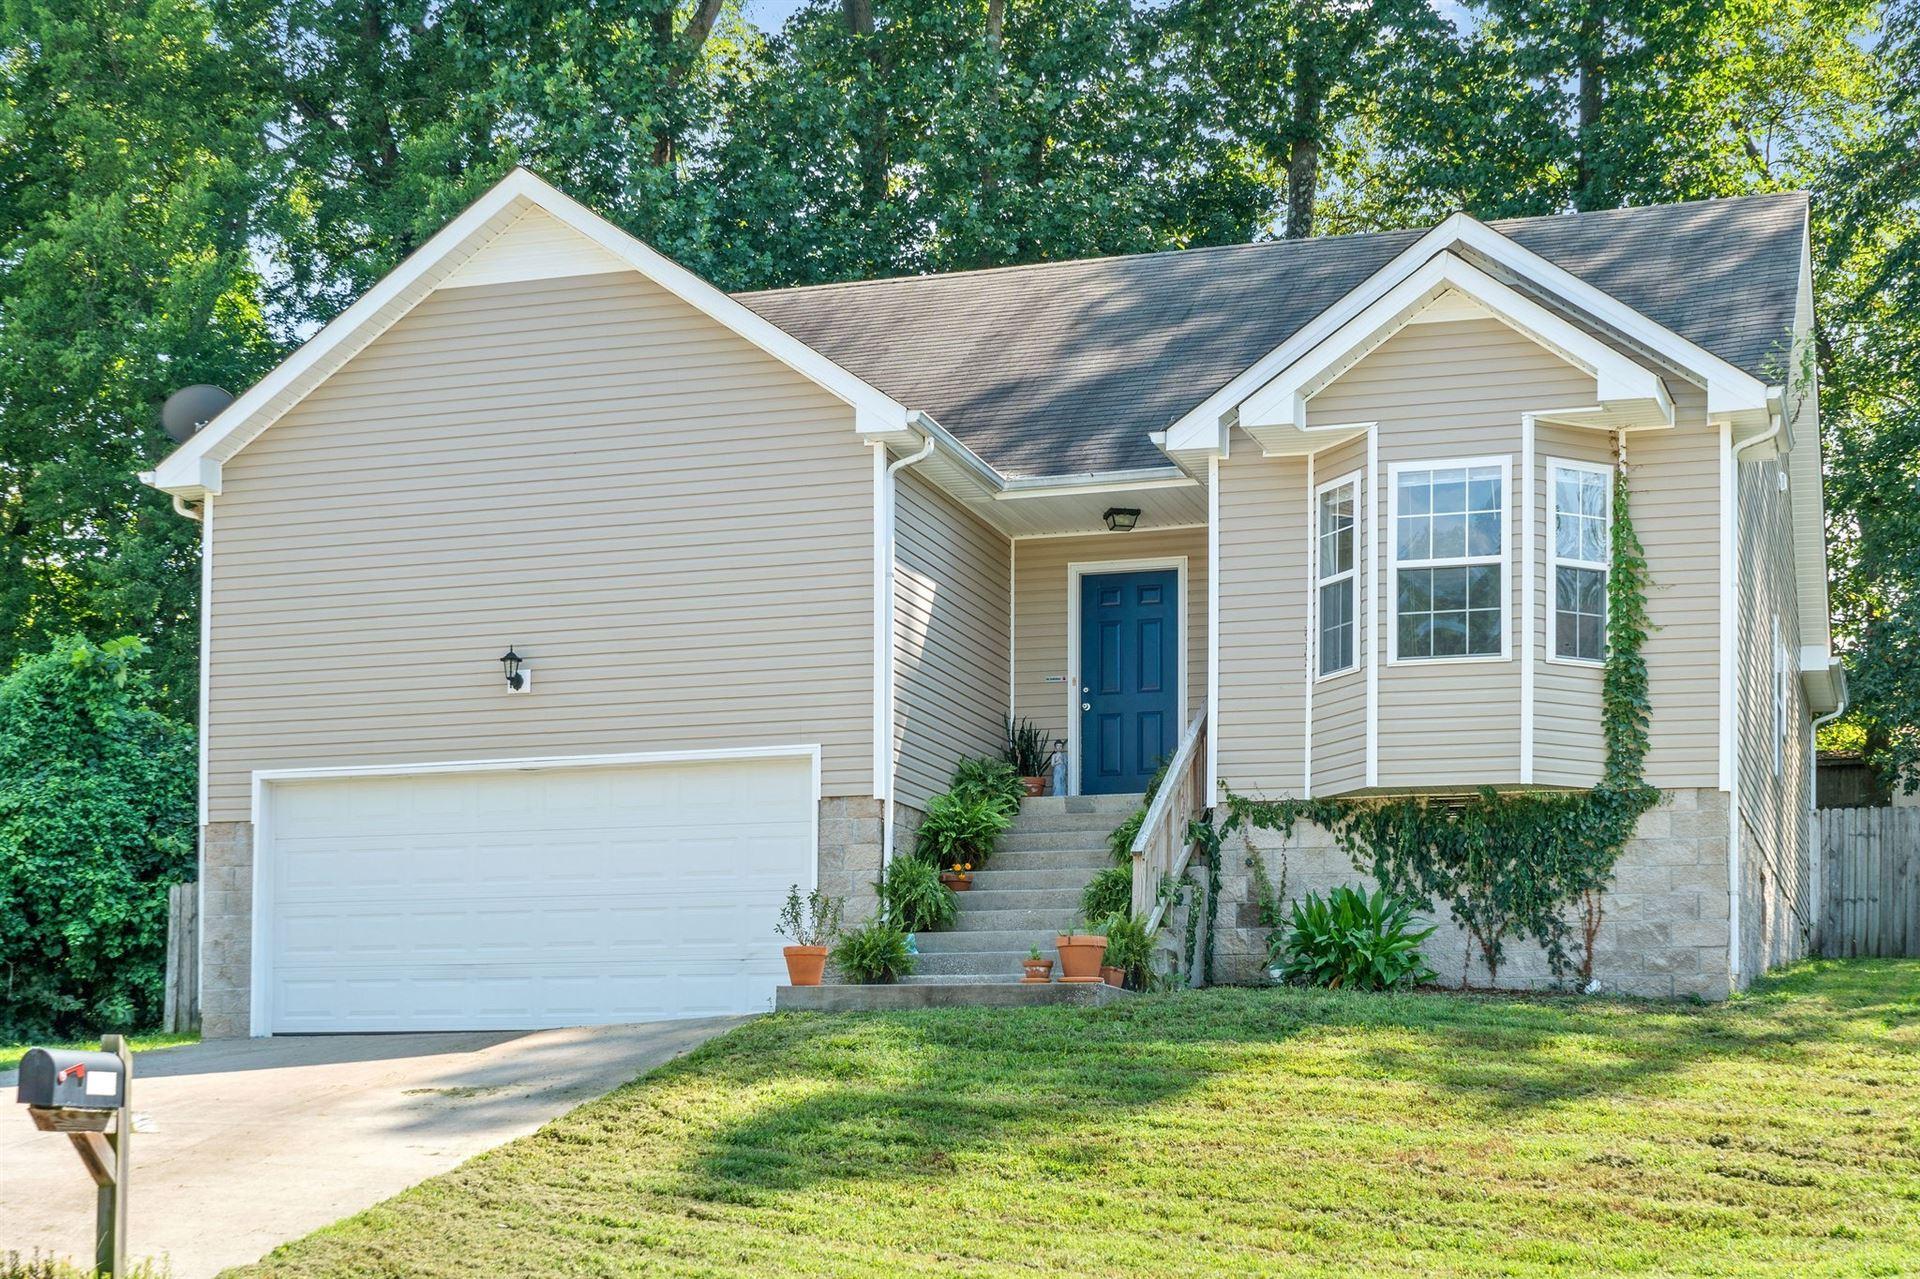 322 Chalet Cir, Clarksville, TN 37040 - MLS#: 2297921